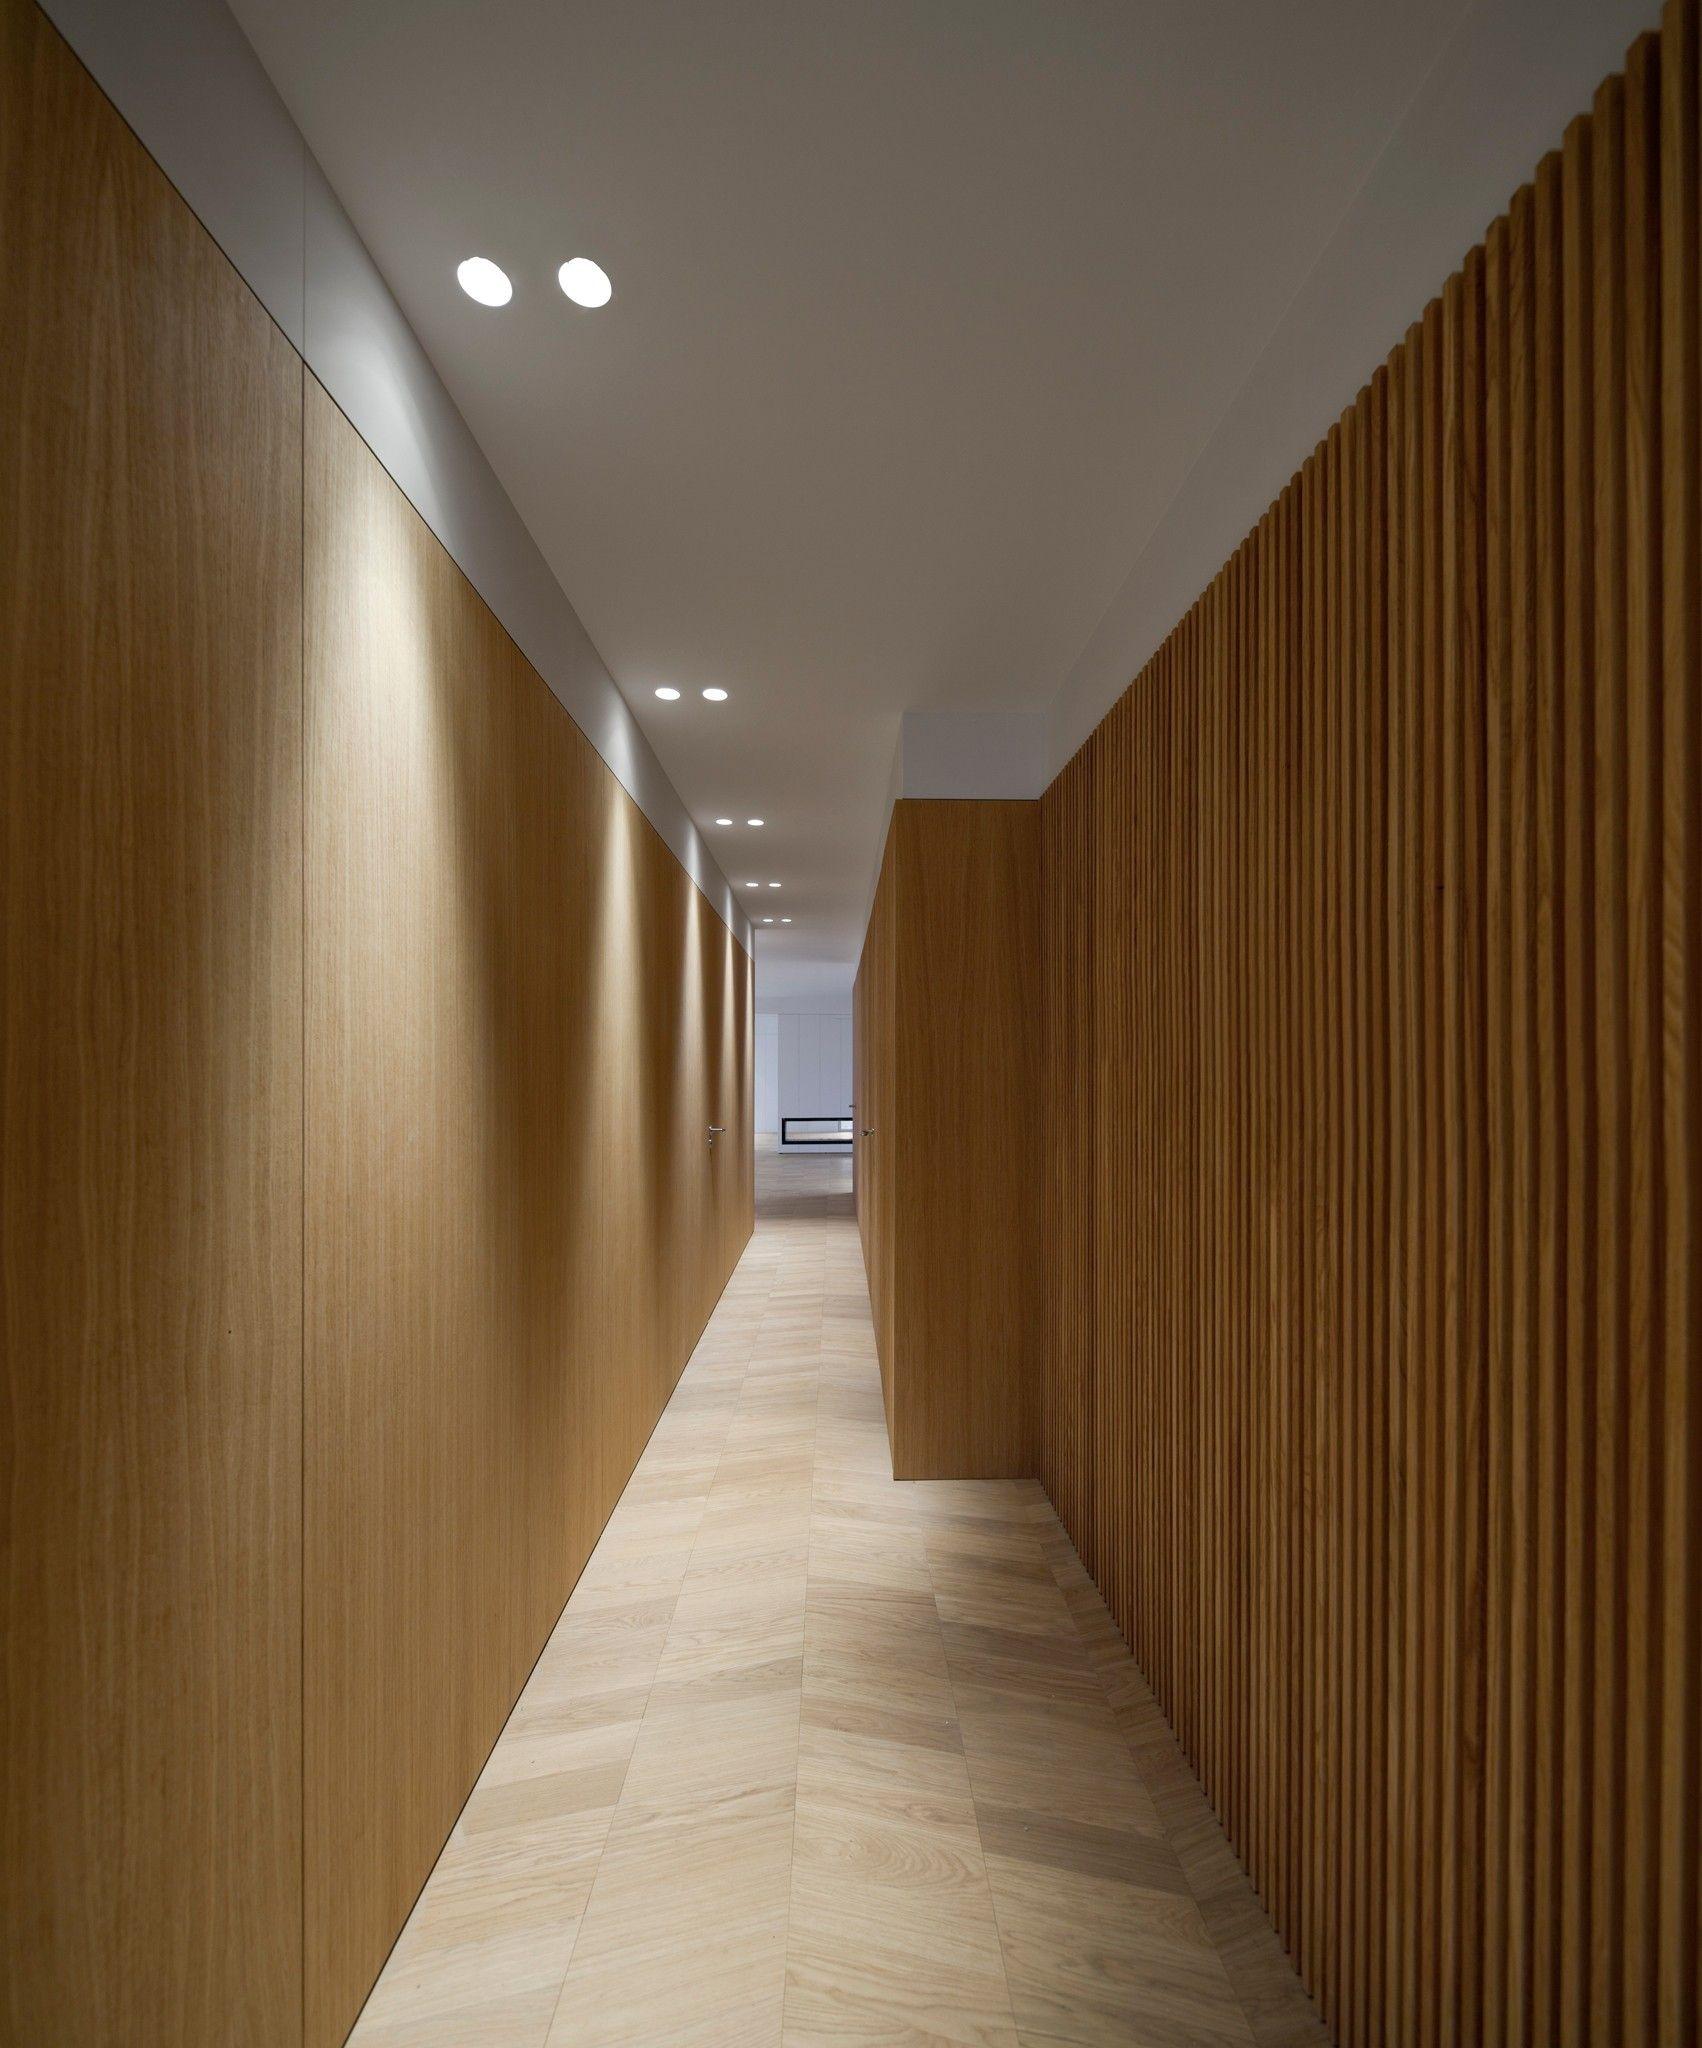 Baas arquitectura estudio de arquitectura barcelona in - Arquitectura barcelona ...